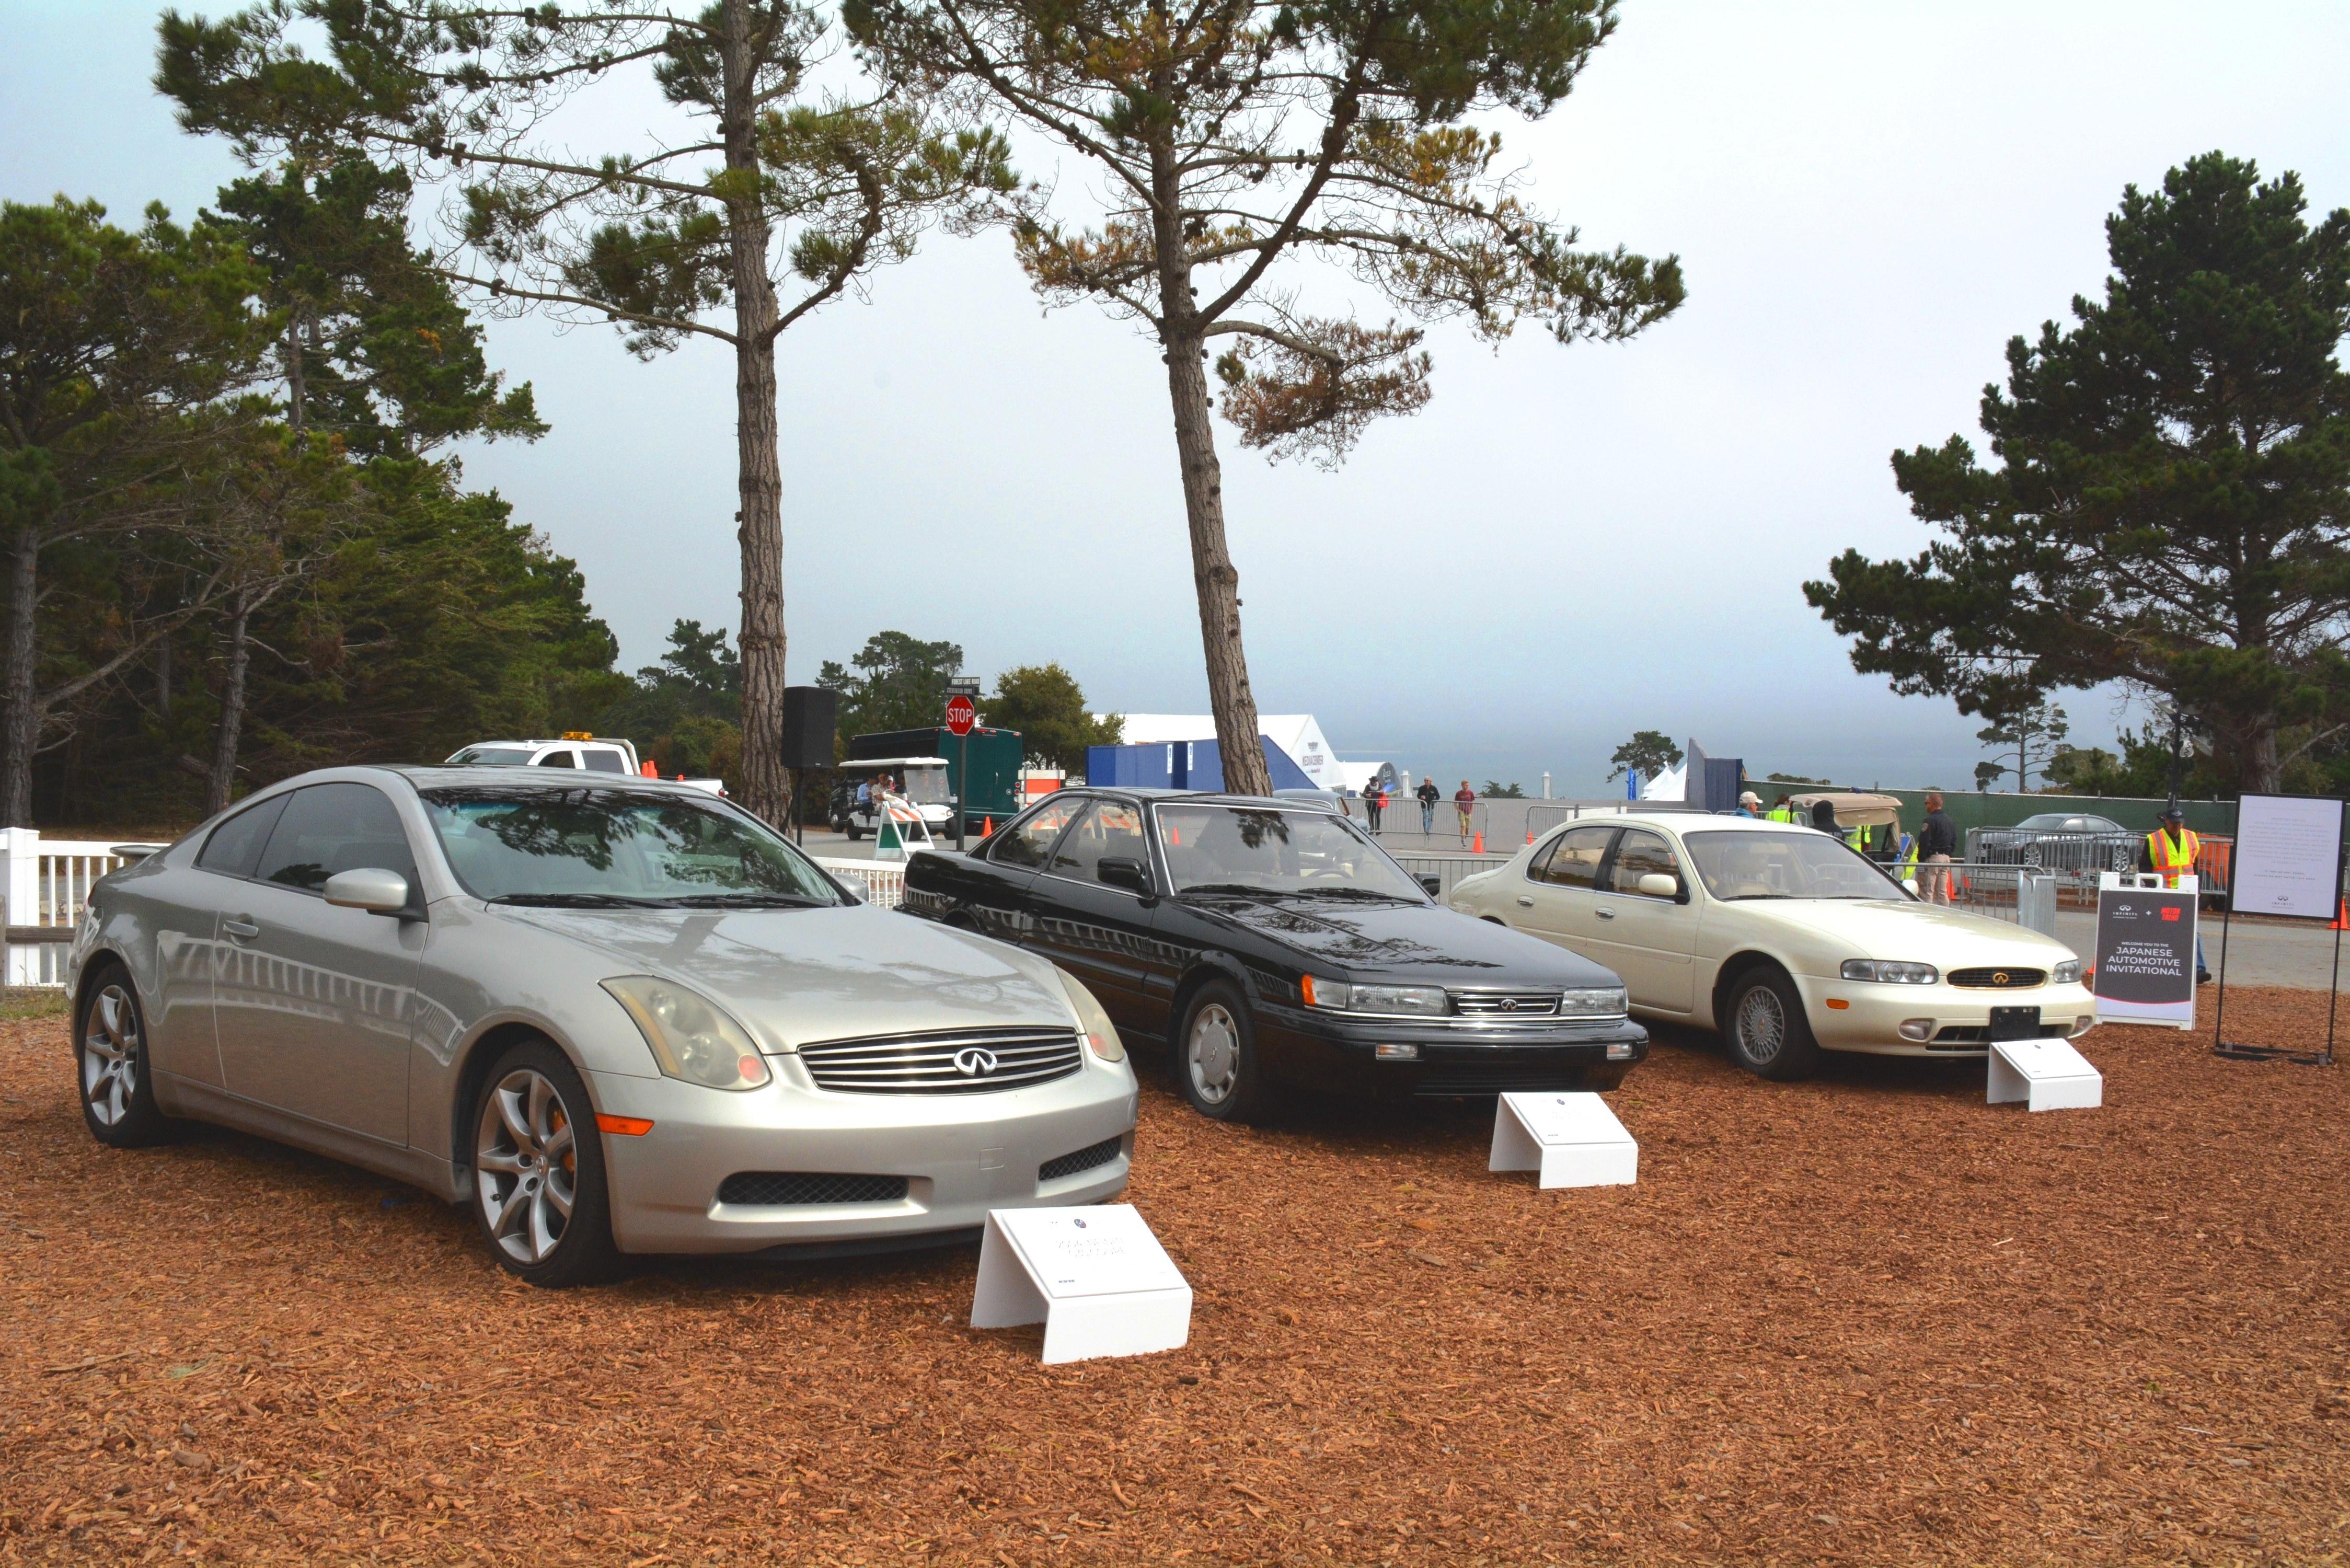 ハコスカからGTO、アルシオーネまで! インフィニティが考える日本車の価値とは?